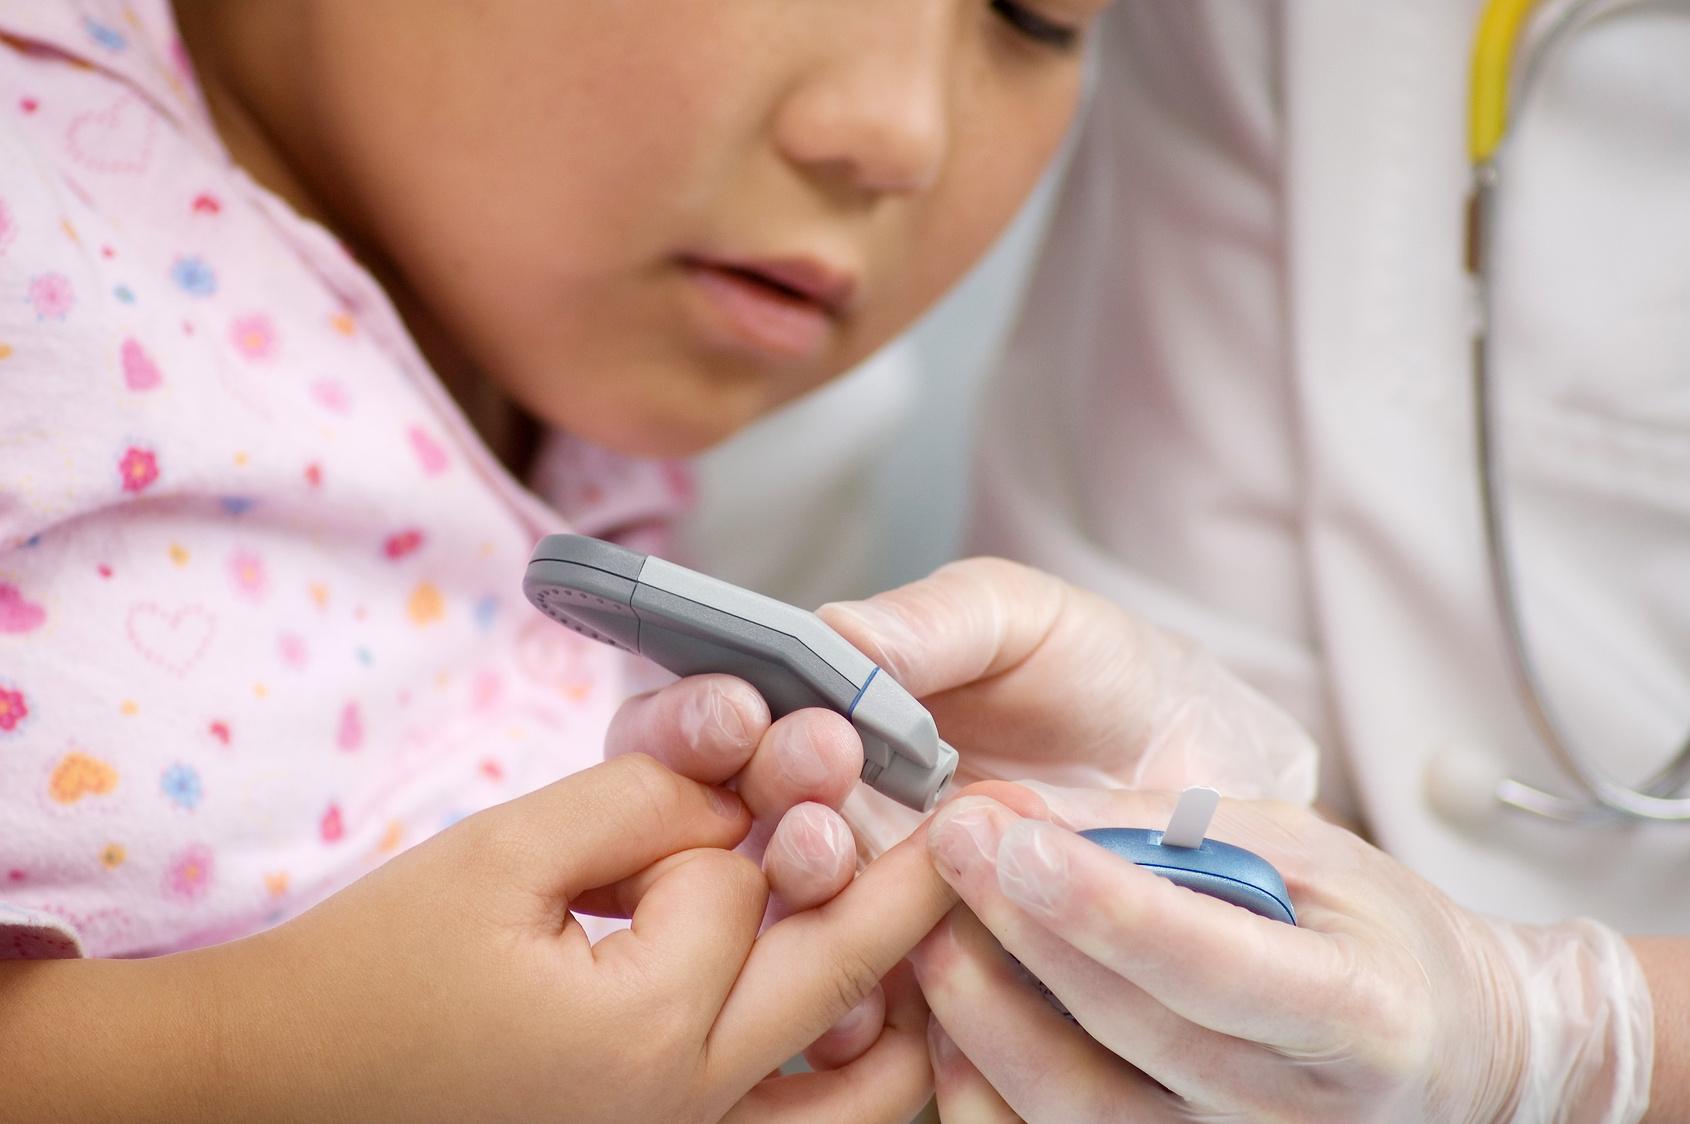 От чего появляется диабет у ребенка